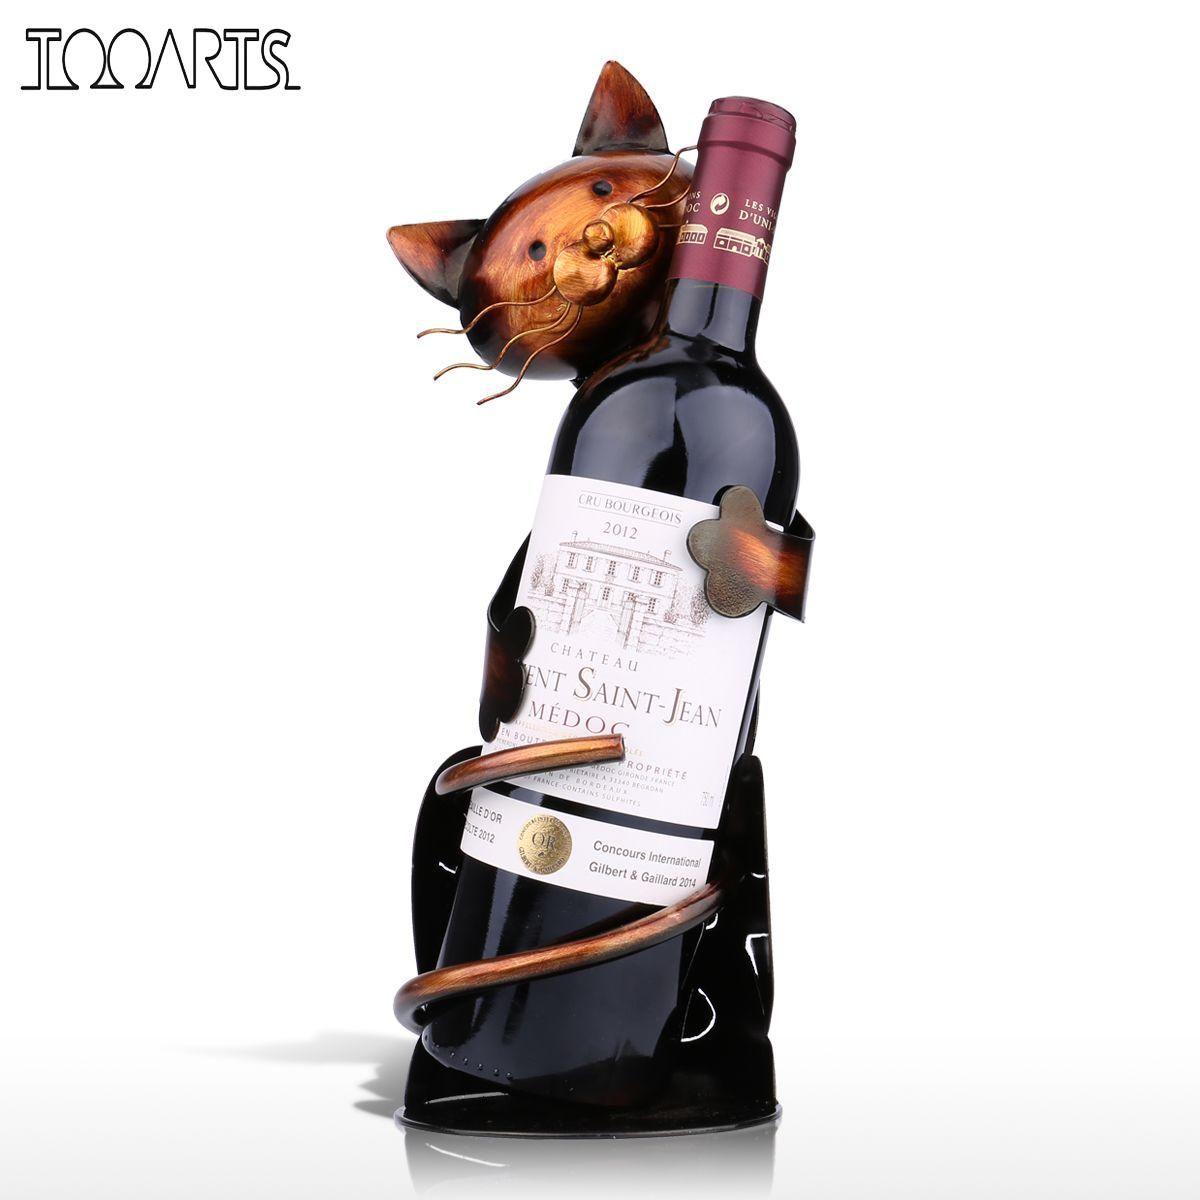 Pas Cher Tooarts Chat Support De Vin Vin Rack Etagere En